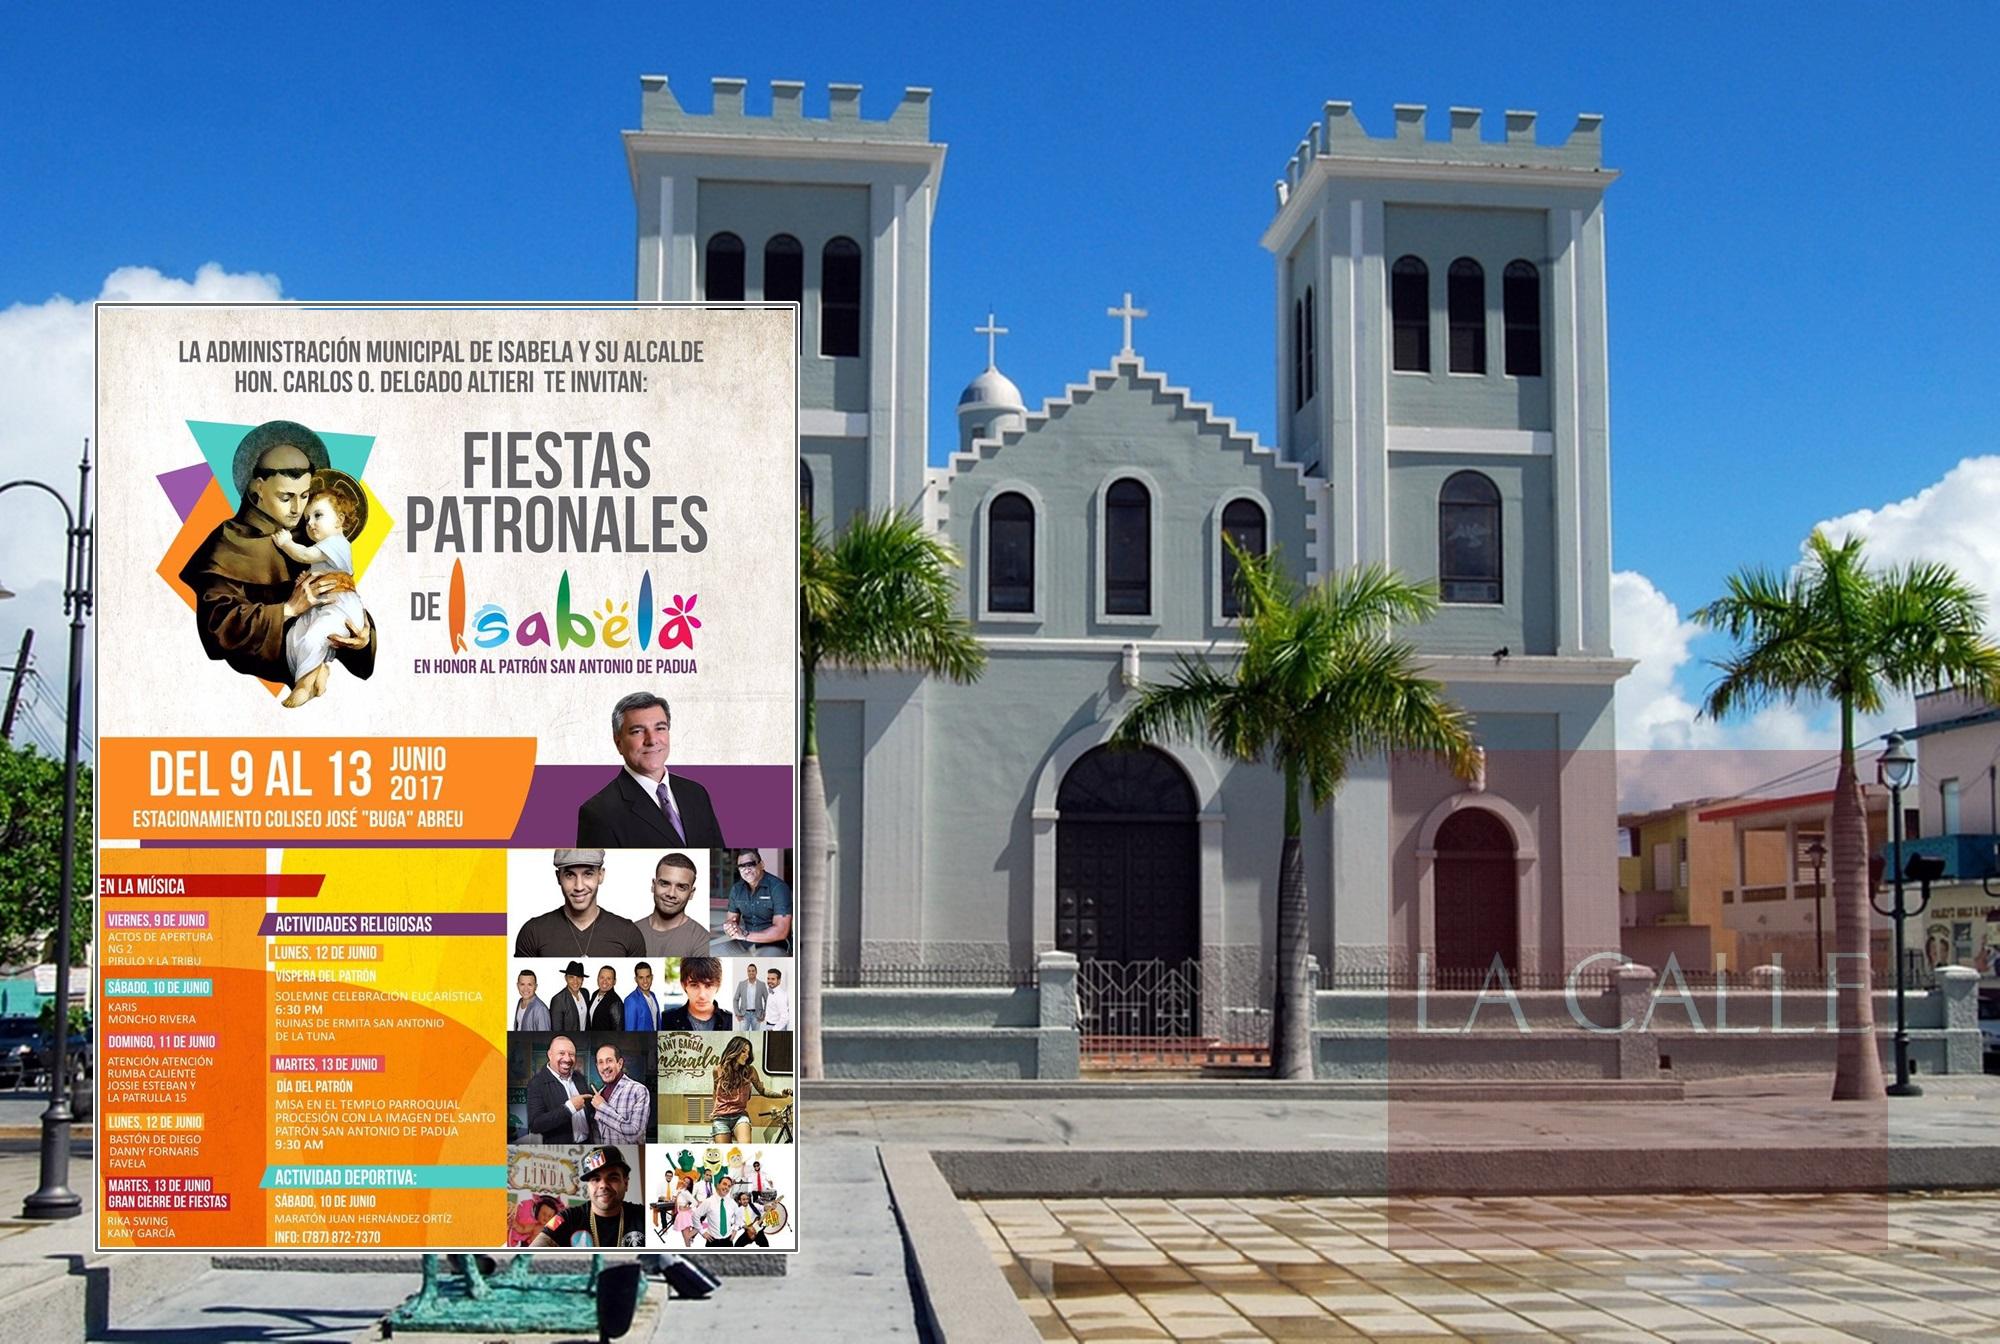 """Vista de la iglesia de Isabela y el programa de las Fiestas Patronales 2017. Haga """"click"""" sobre la imagen para ampliarla (Suministradas)."""